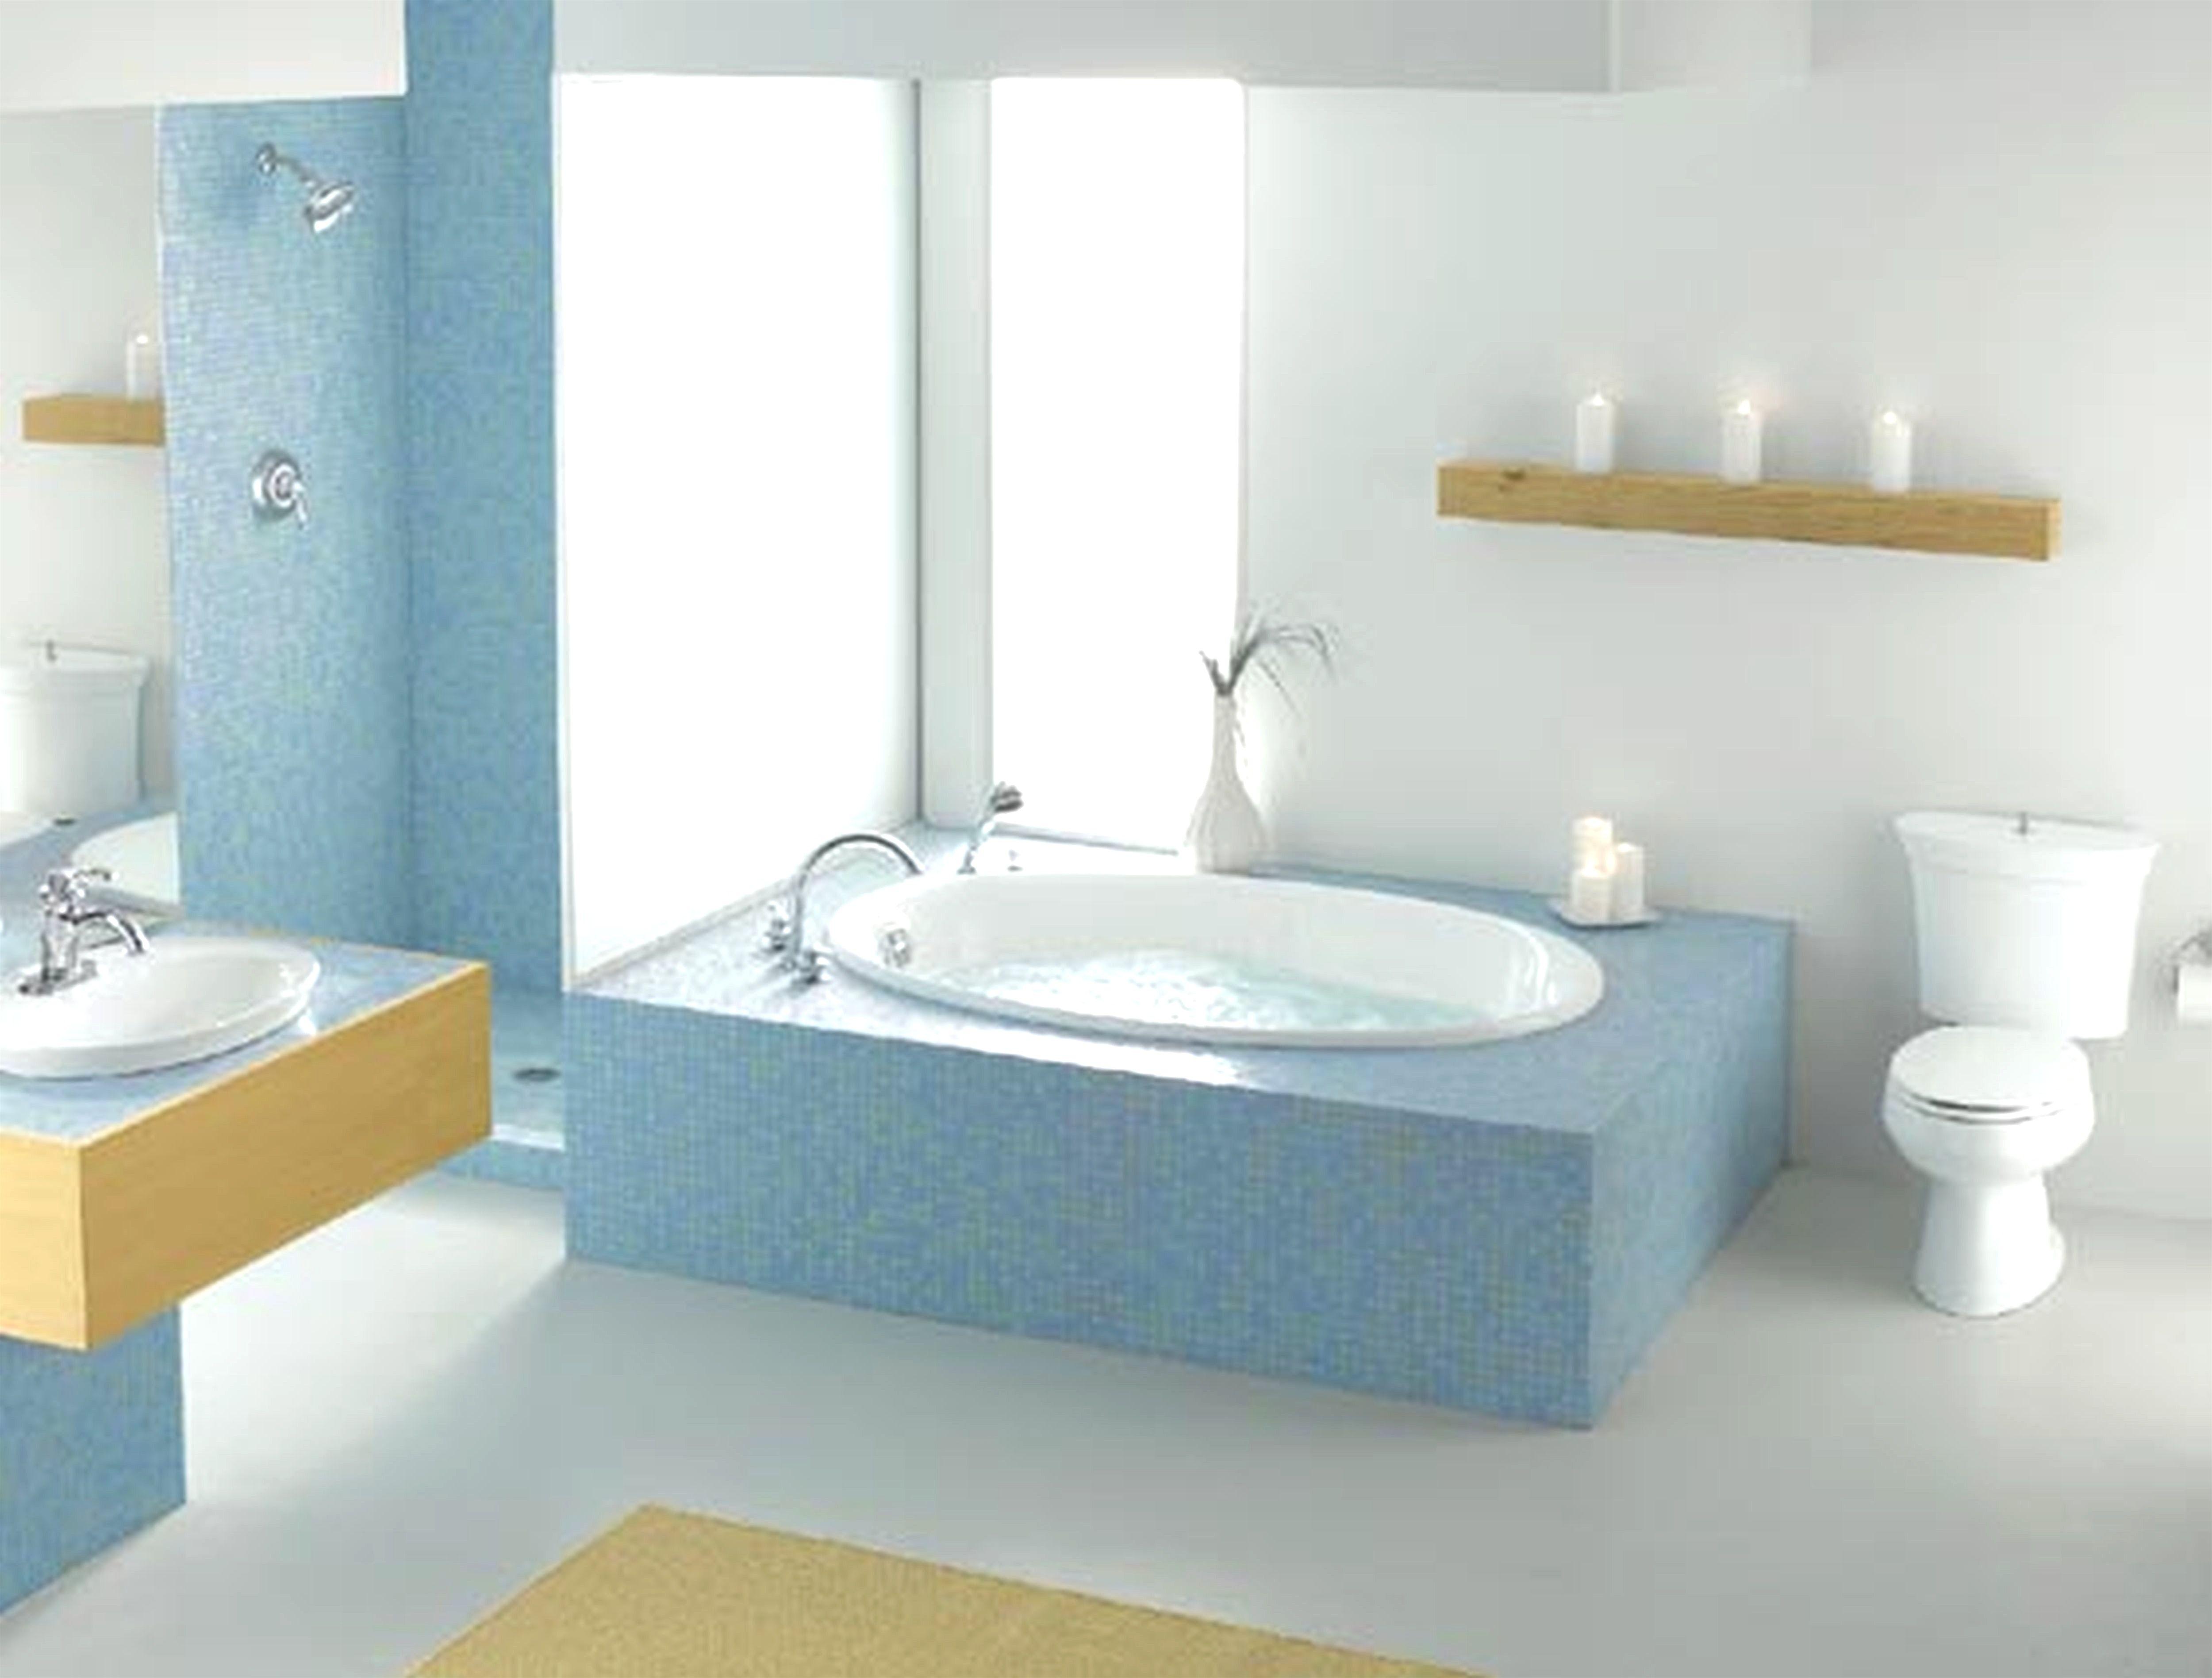 Badezimmer ideen whirlpool  einzigartige kinder badezimmer ideen bild konzept  mehr auf